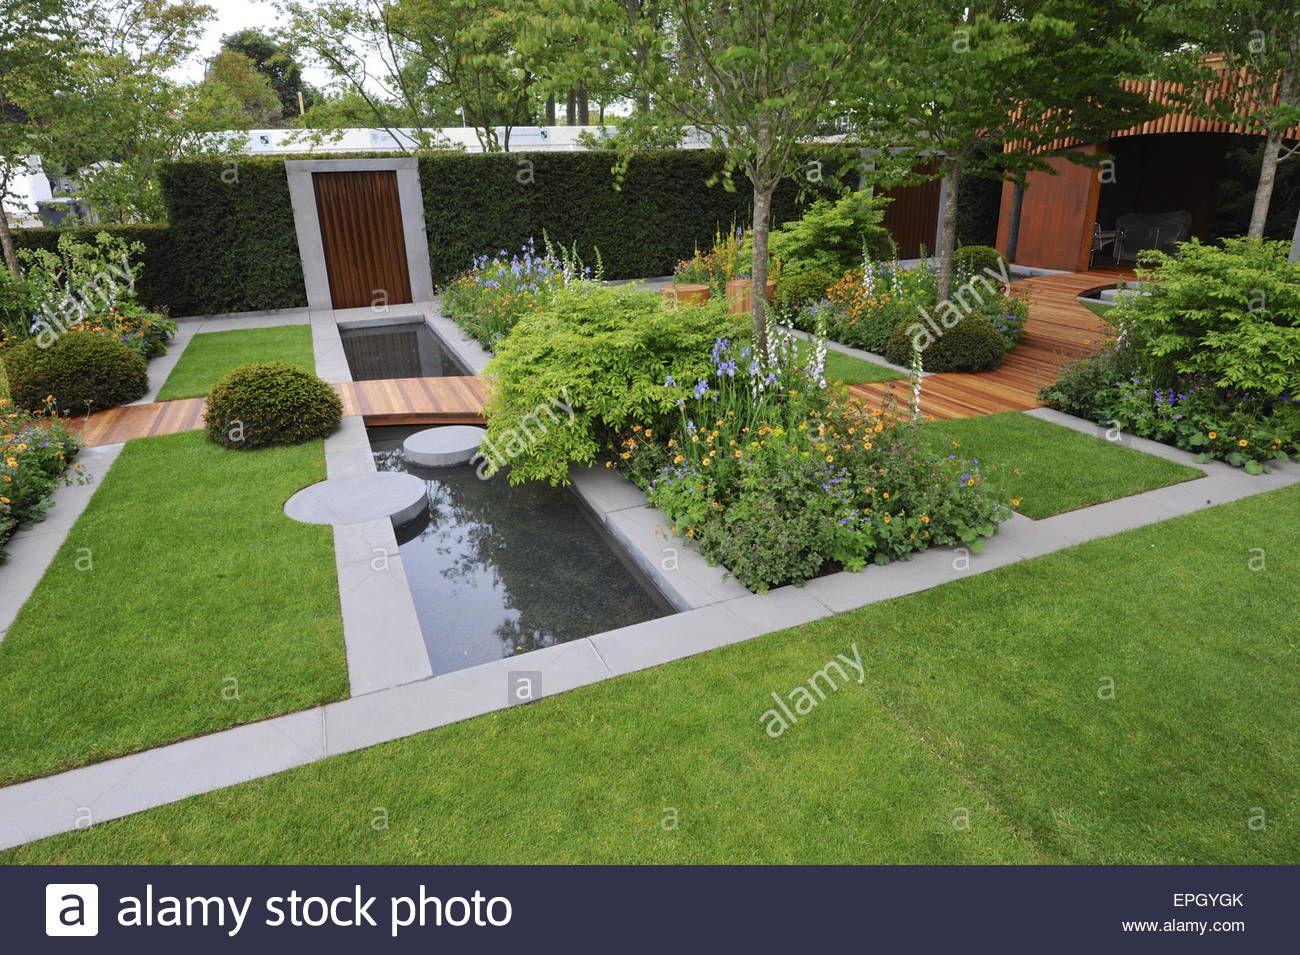 The Homebase Urban Retreat Garden At The